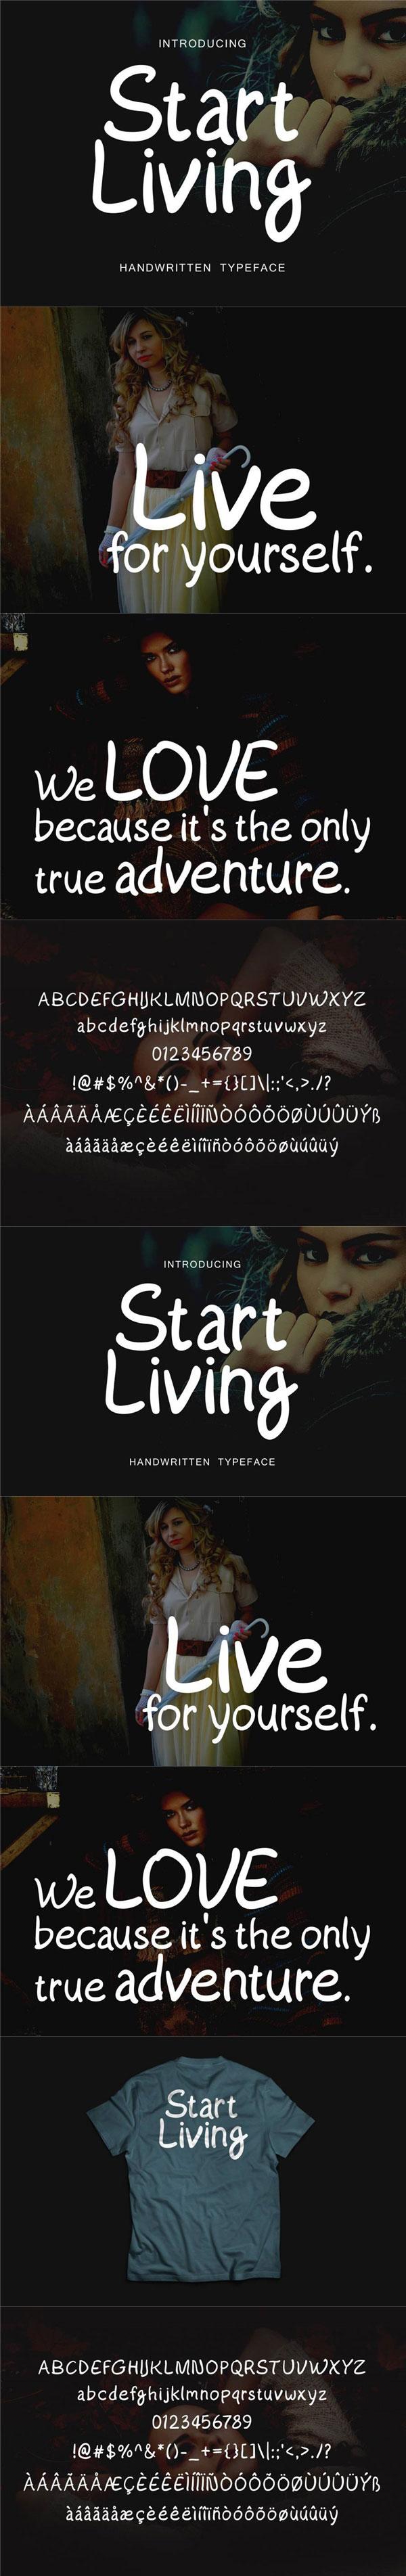 StartLiving